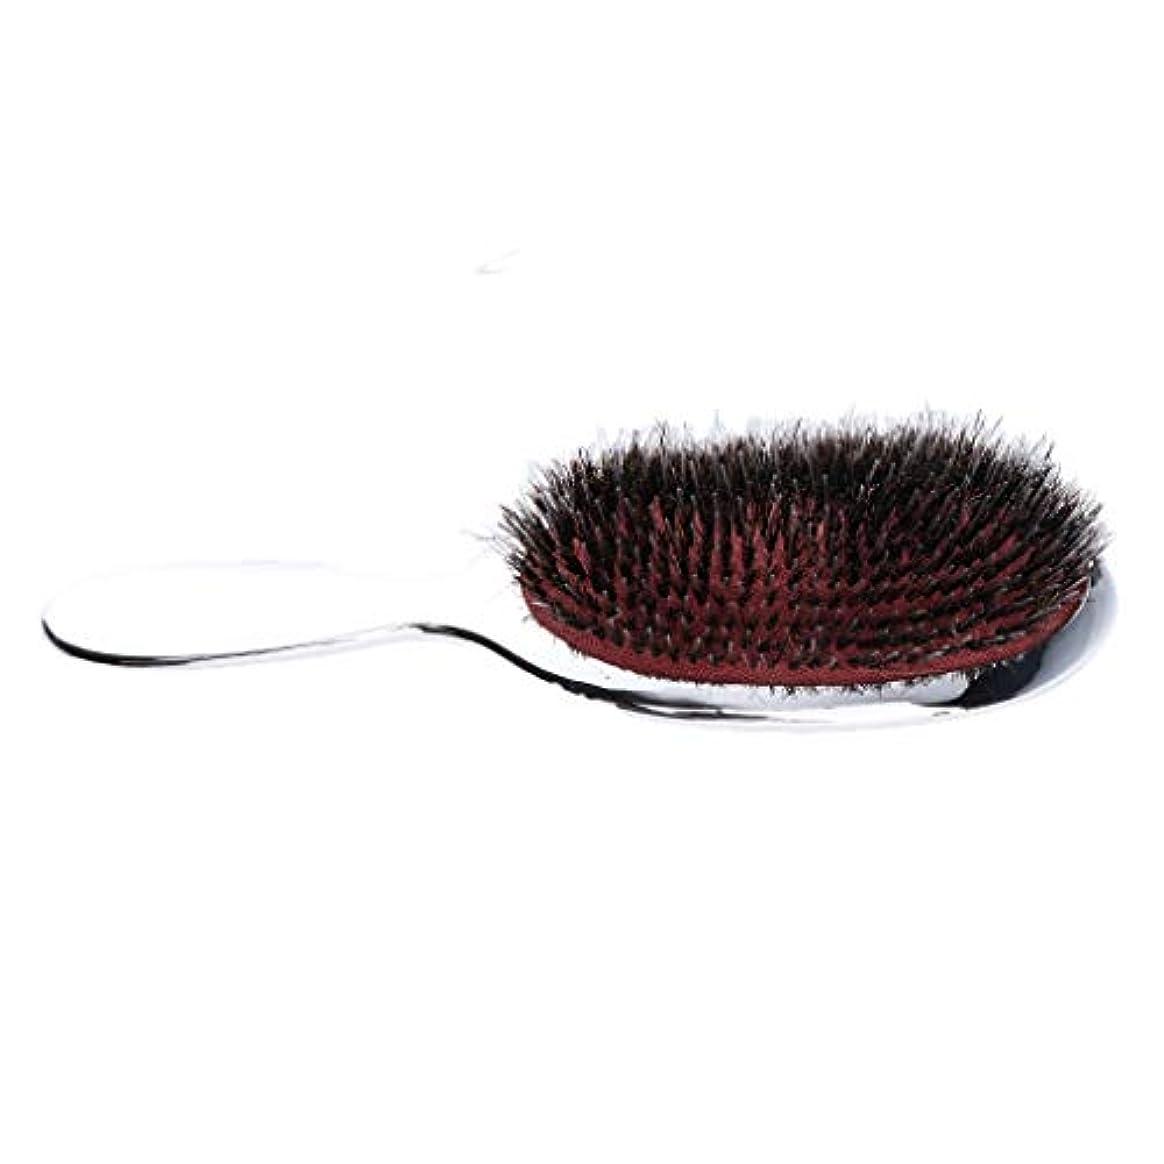 ピット祭り気質男性の胸毛のナイロン毛のひげ口ひげの手のハンドルdetanglerの櫛 - シルバー